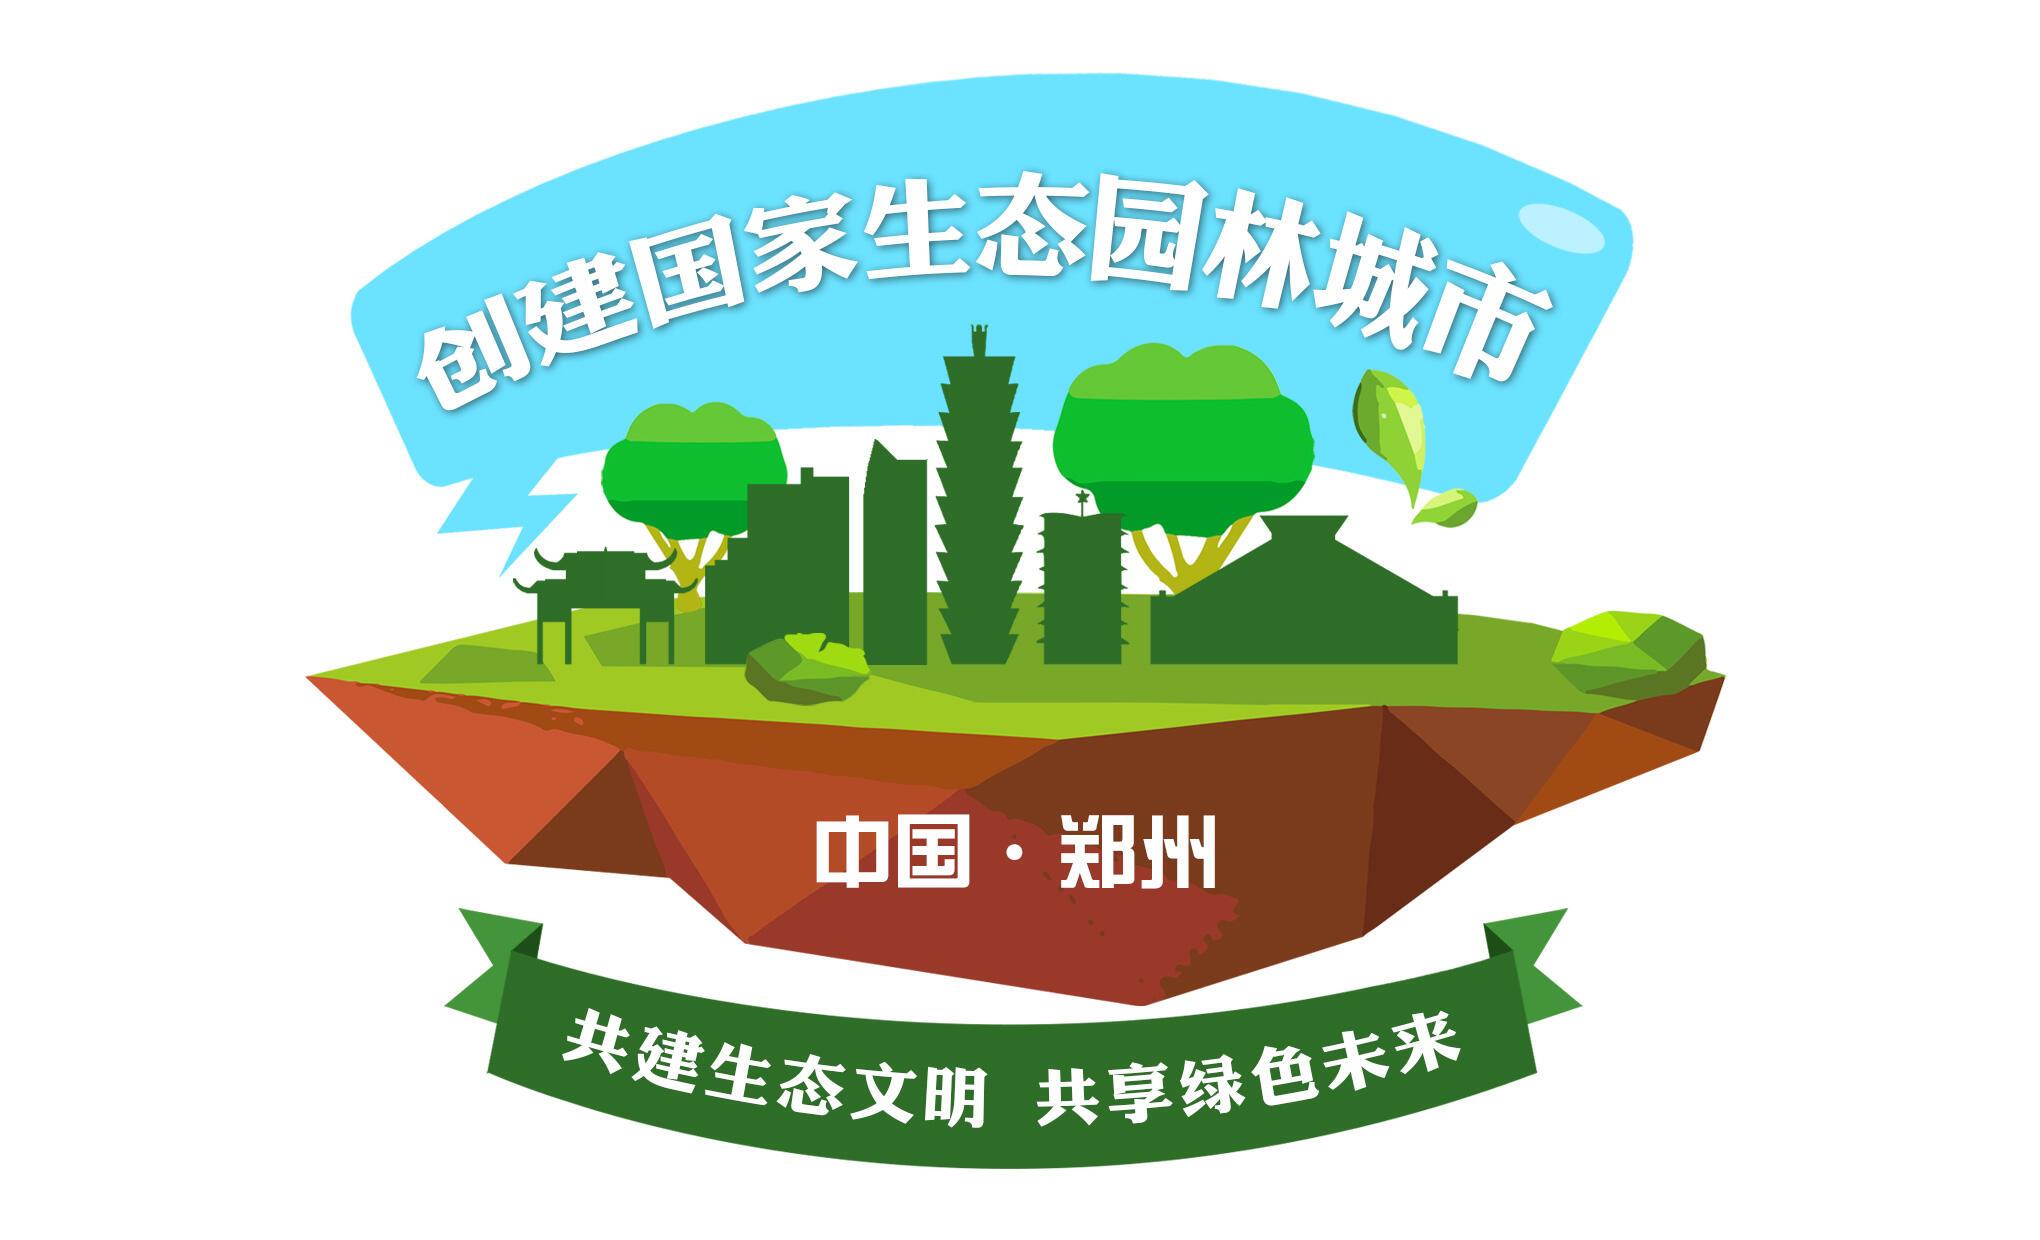 """创建国家生态园林城市∣贾鲁河西流湖段完成扩湖清淤 景观建设加快推进 建成后将成城市西部""""绿心"""""""